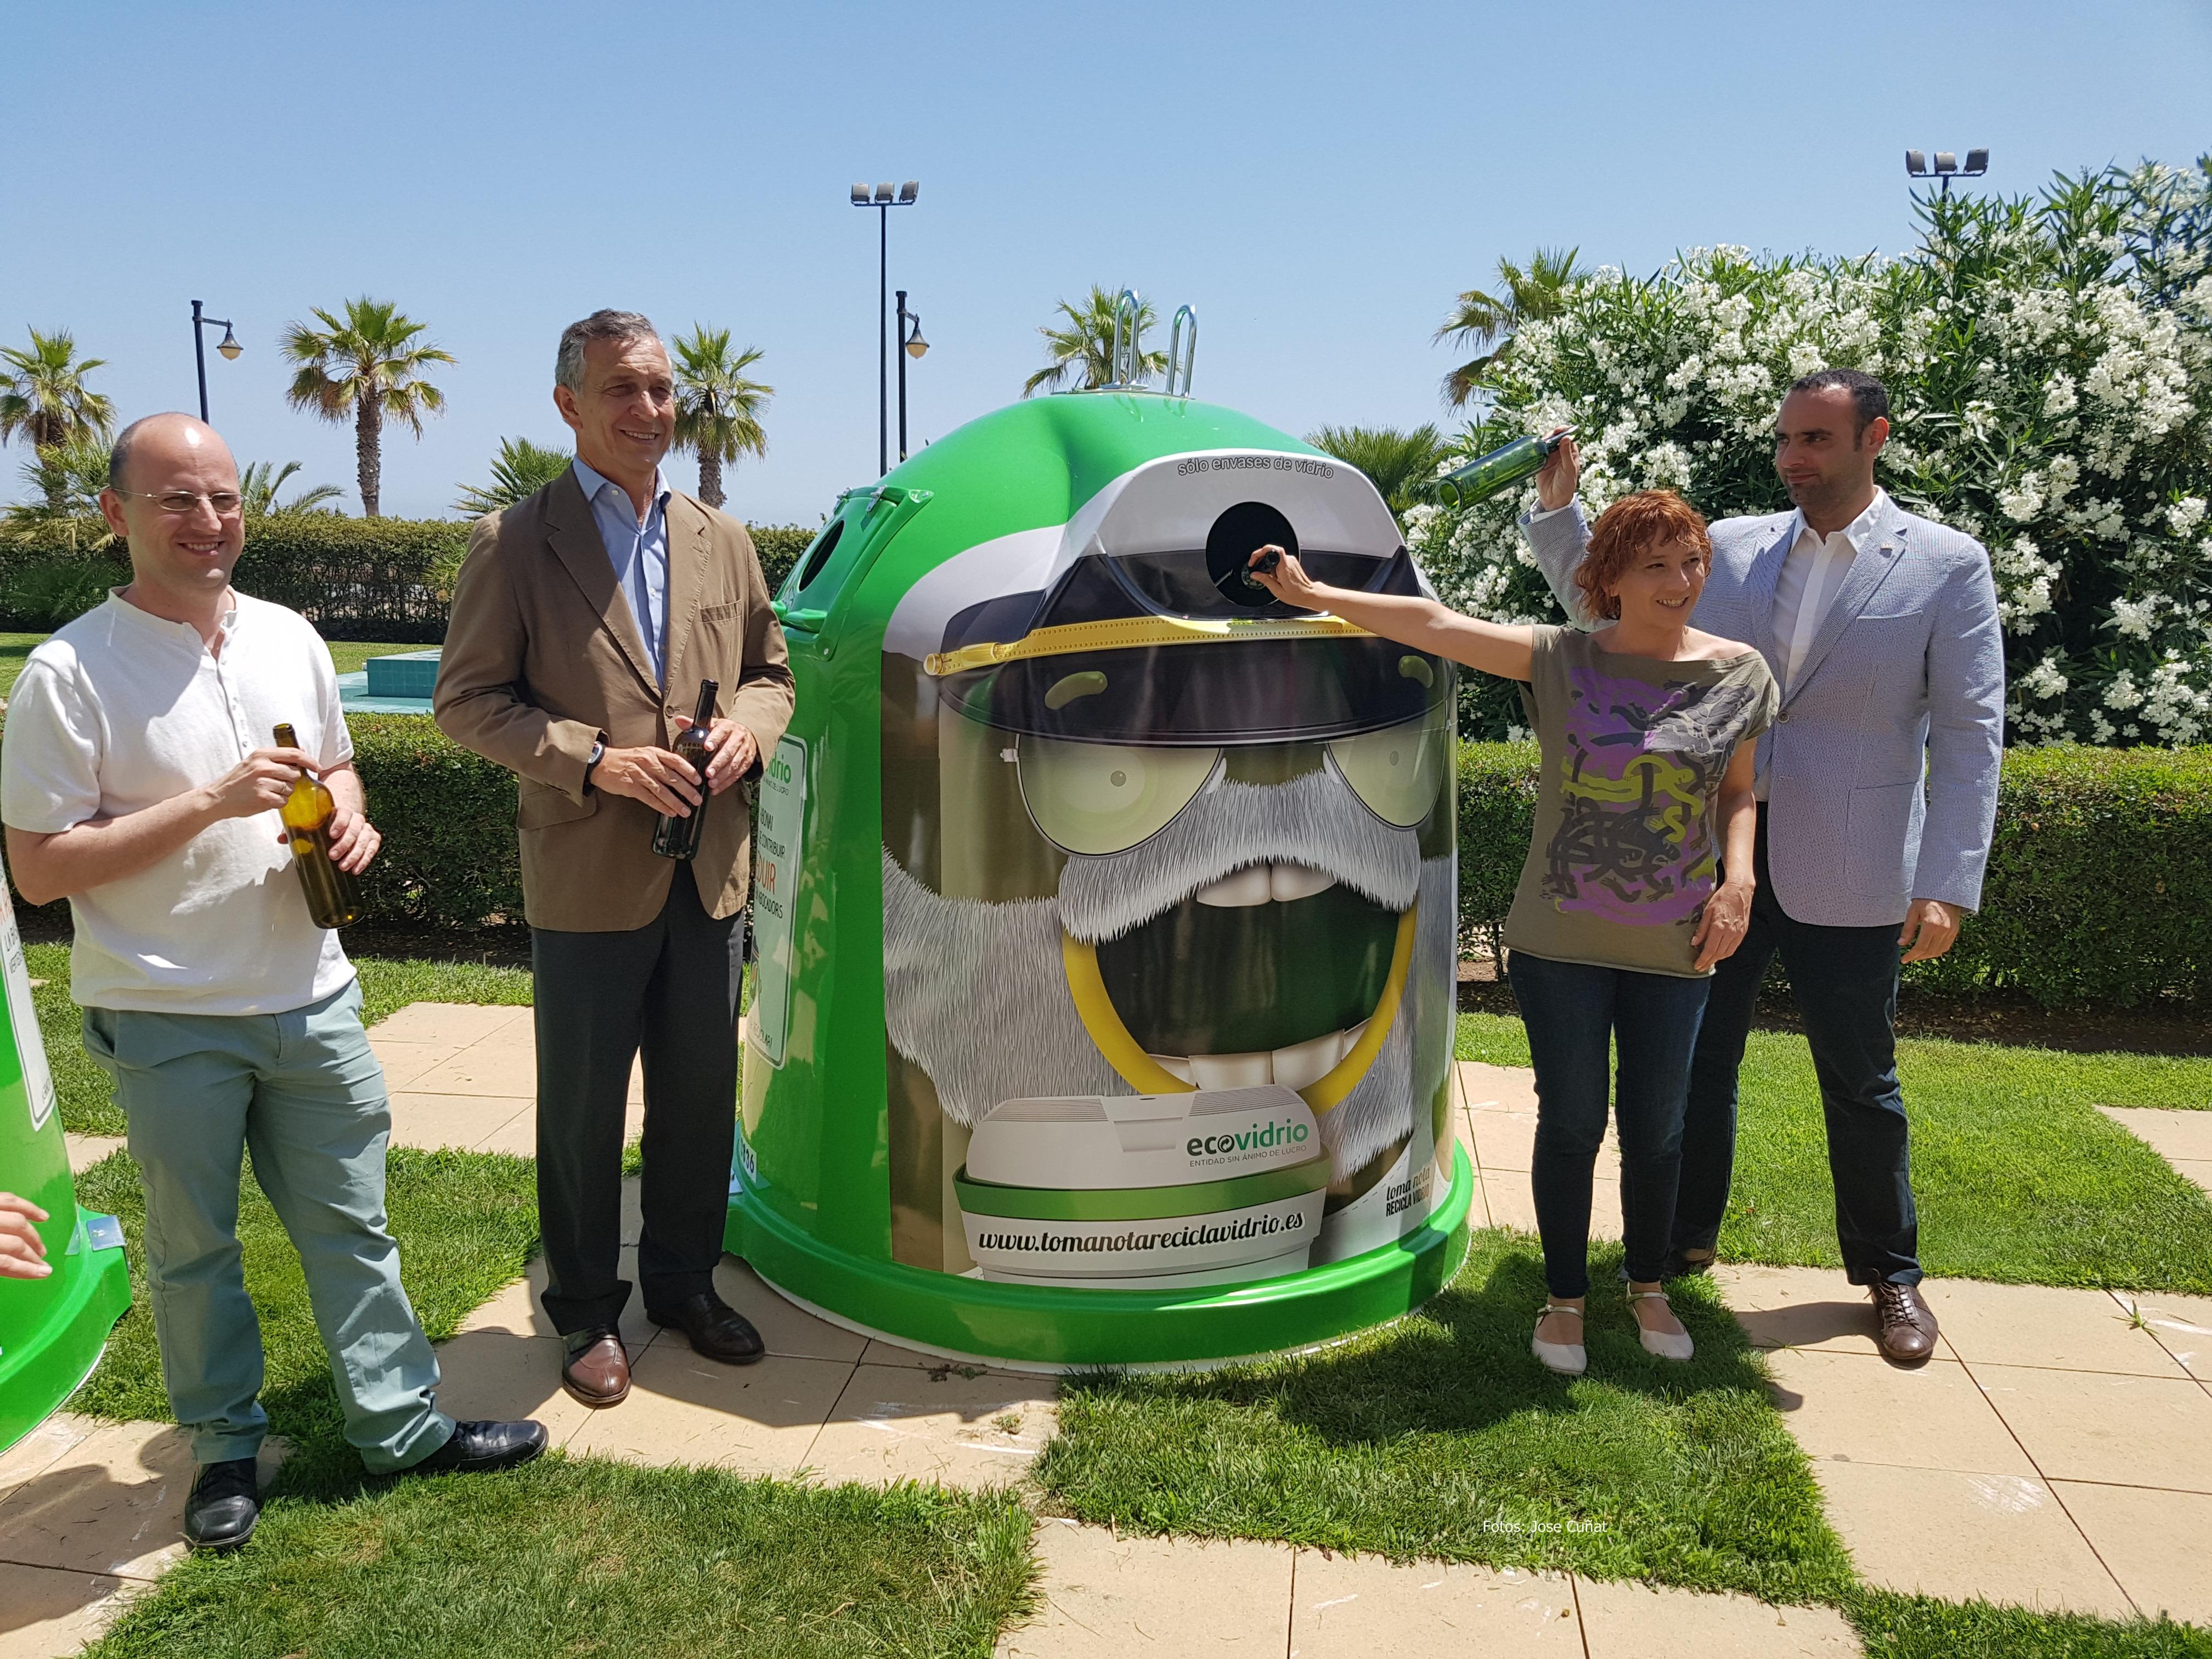 La hostelería se opone frontalmente al nuevo sistema de gestión de reciclaje de envases